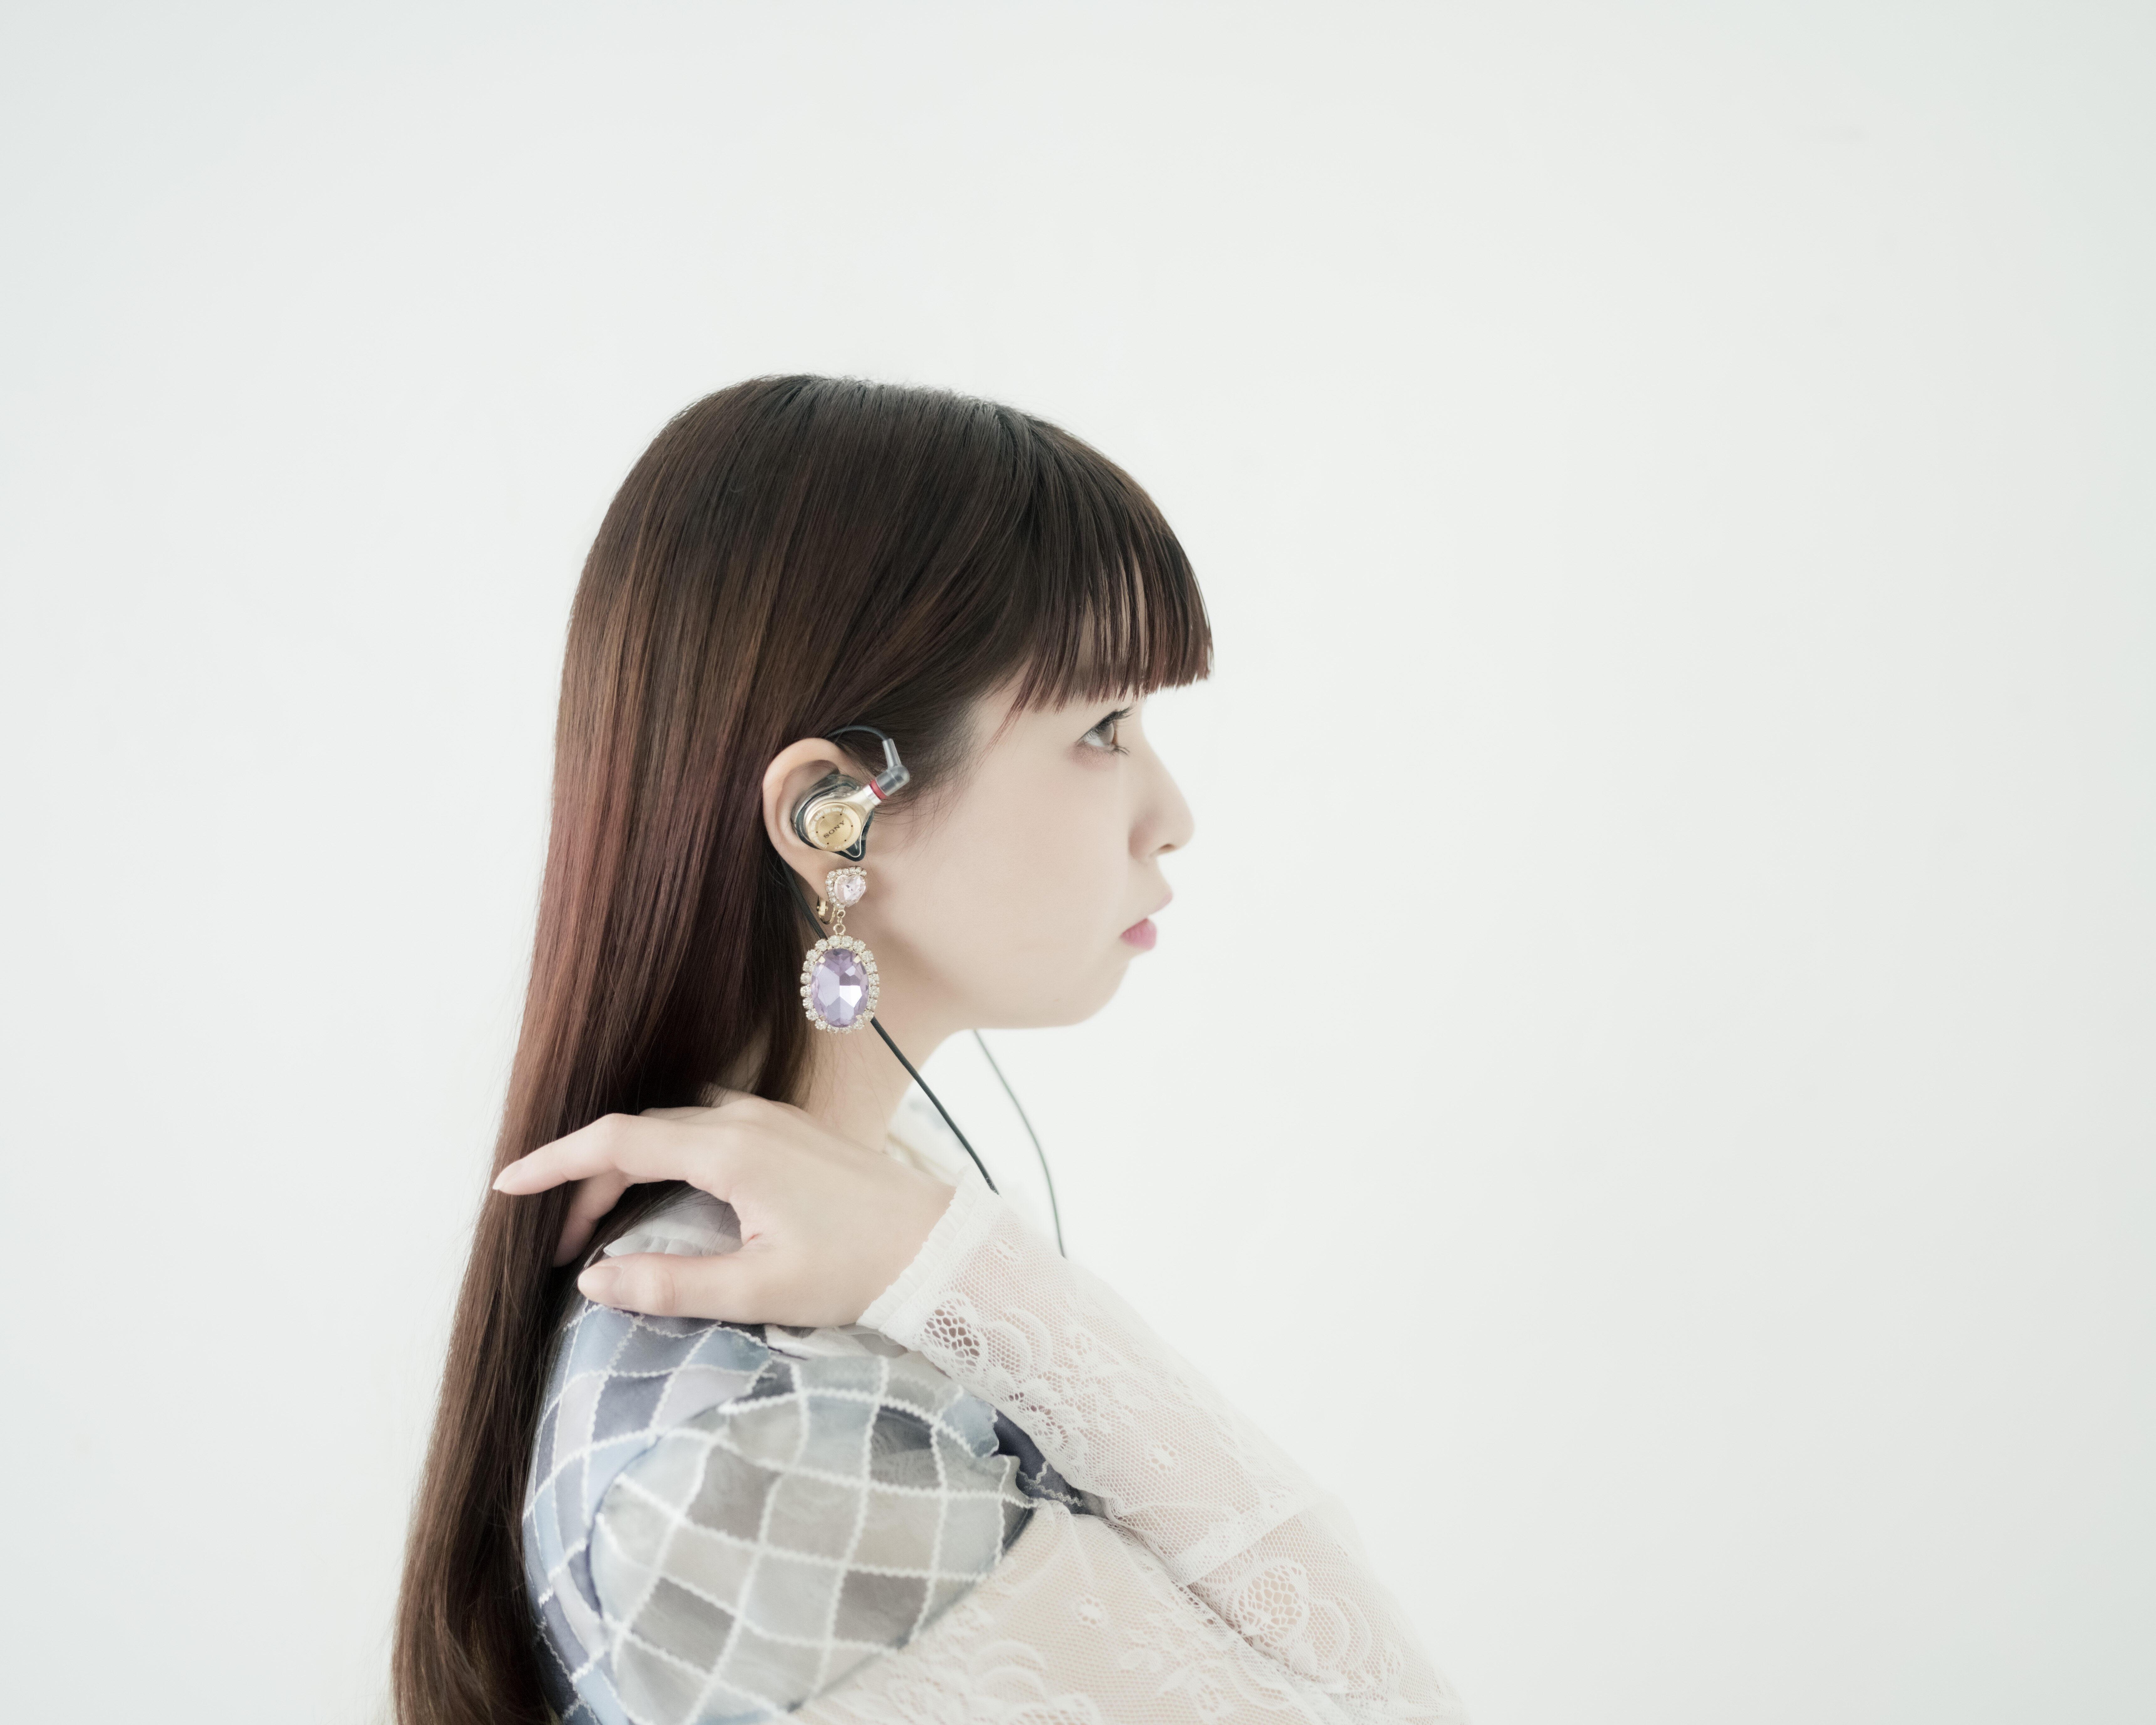 「ボーカルの息遣いを楽しんで」<br>Just ear : 春奈るな氏コラボモデルを限定発売